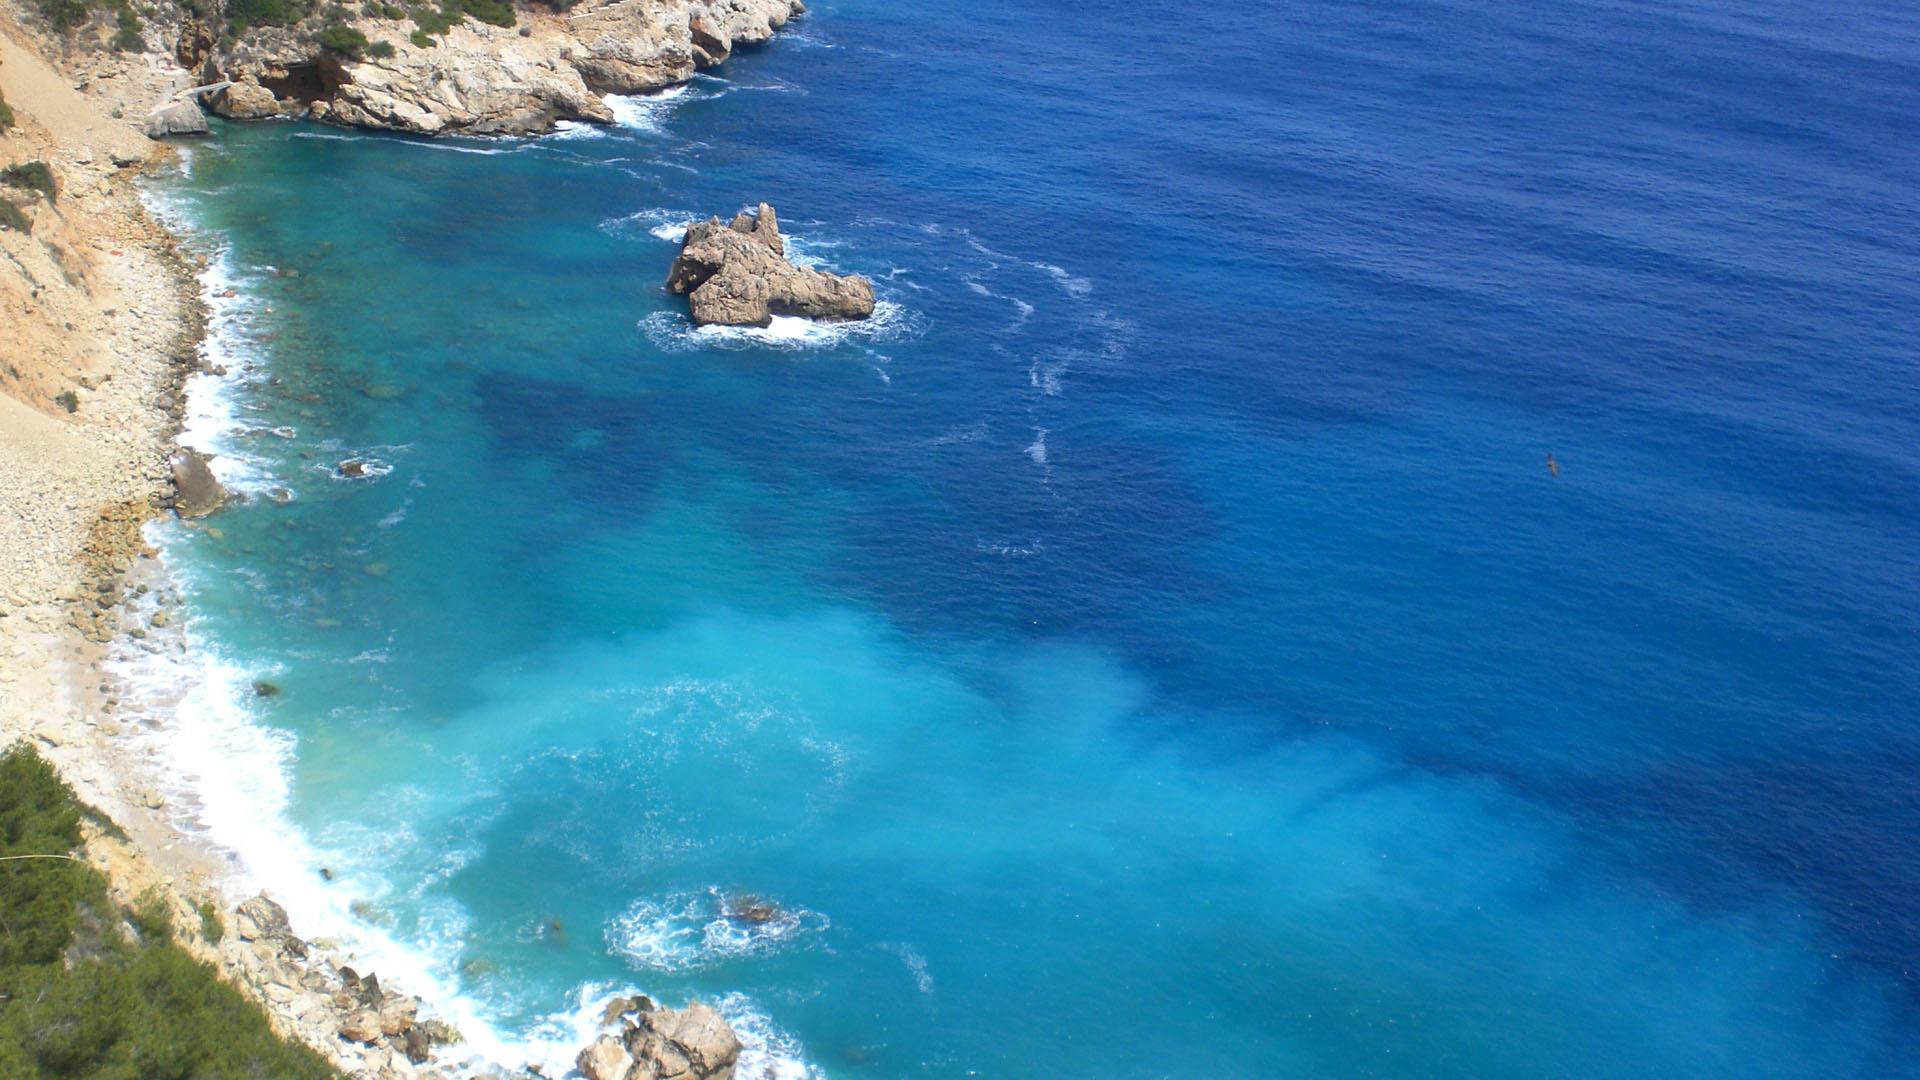 Sfondi Full Hd Mac Mediterraneo Sfondi Hd Gratis